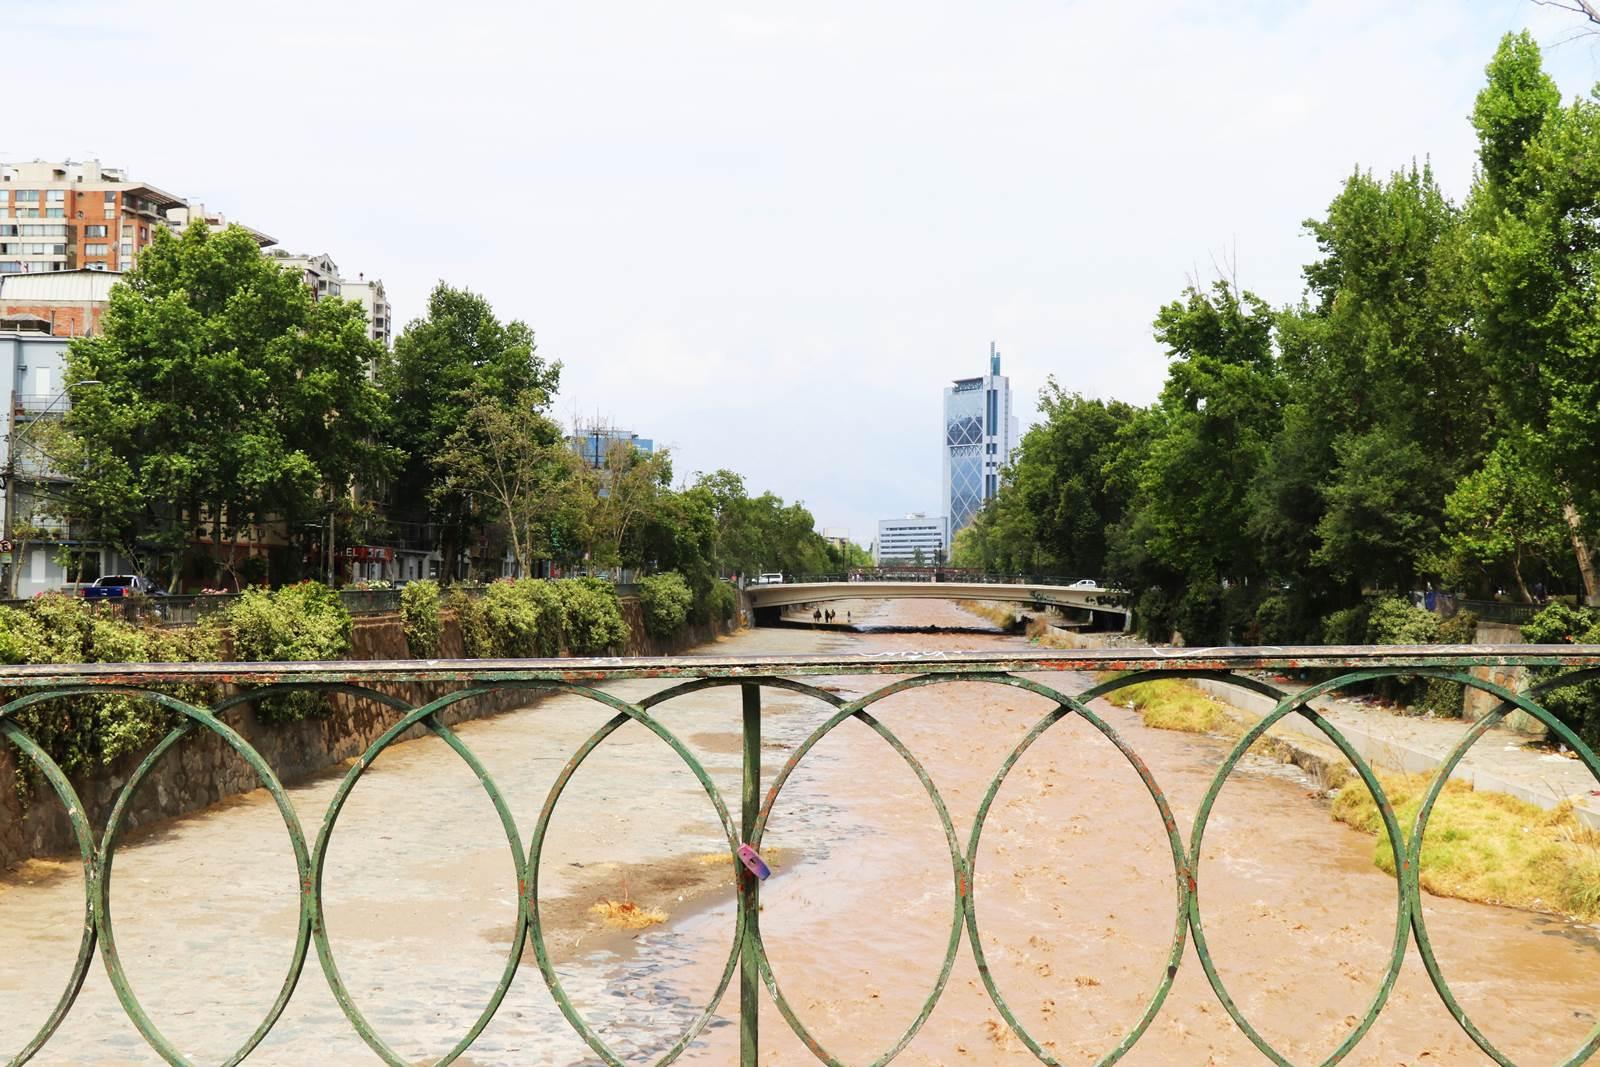 Santiago du Chili